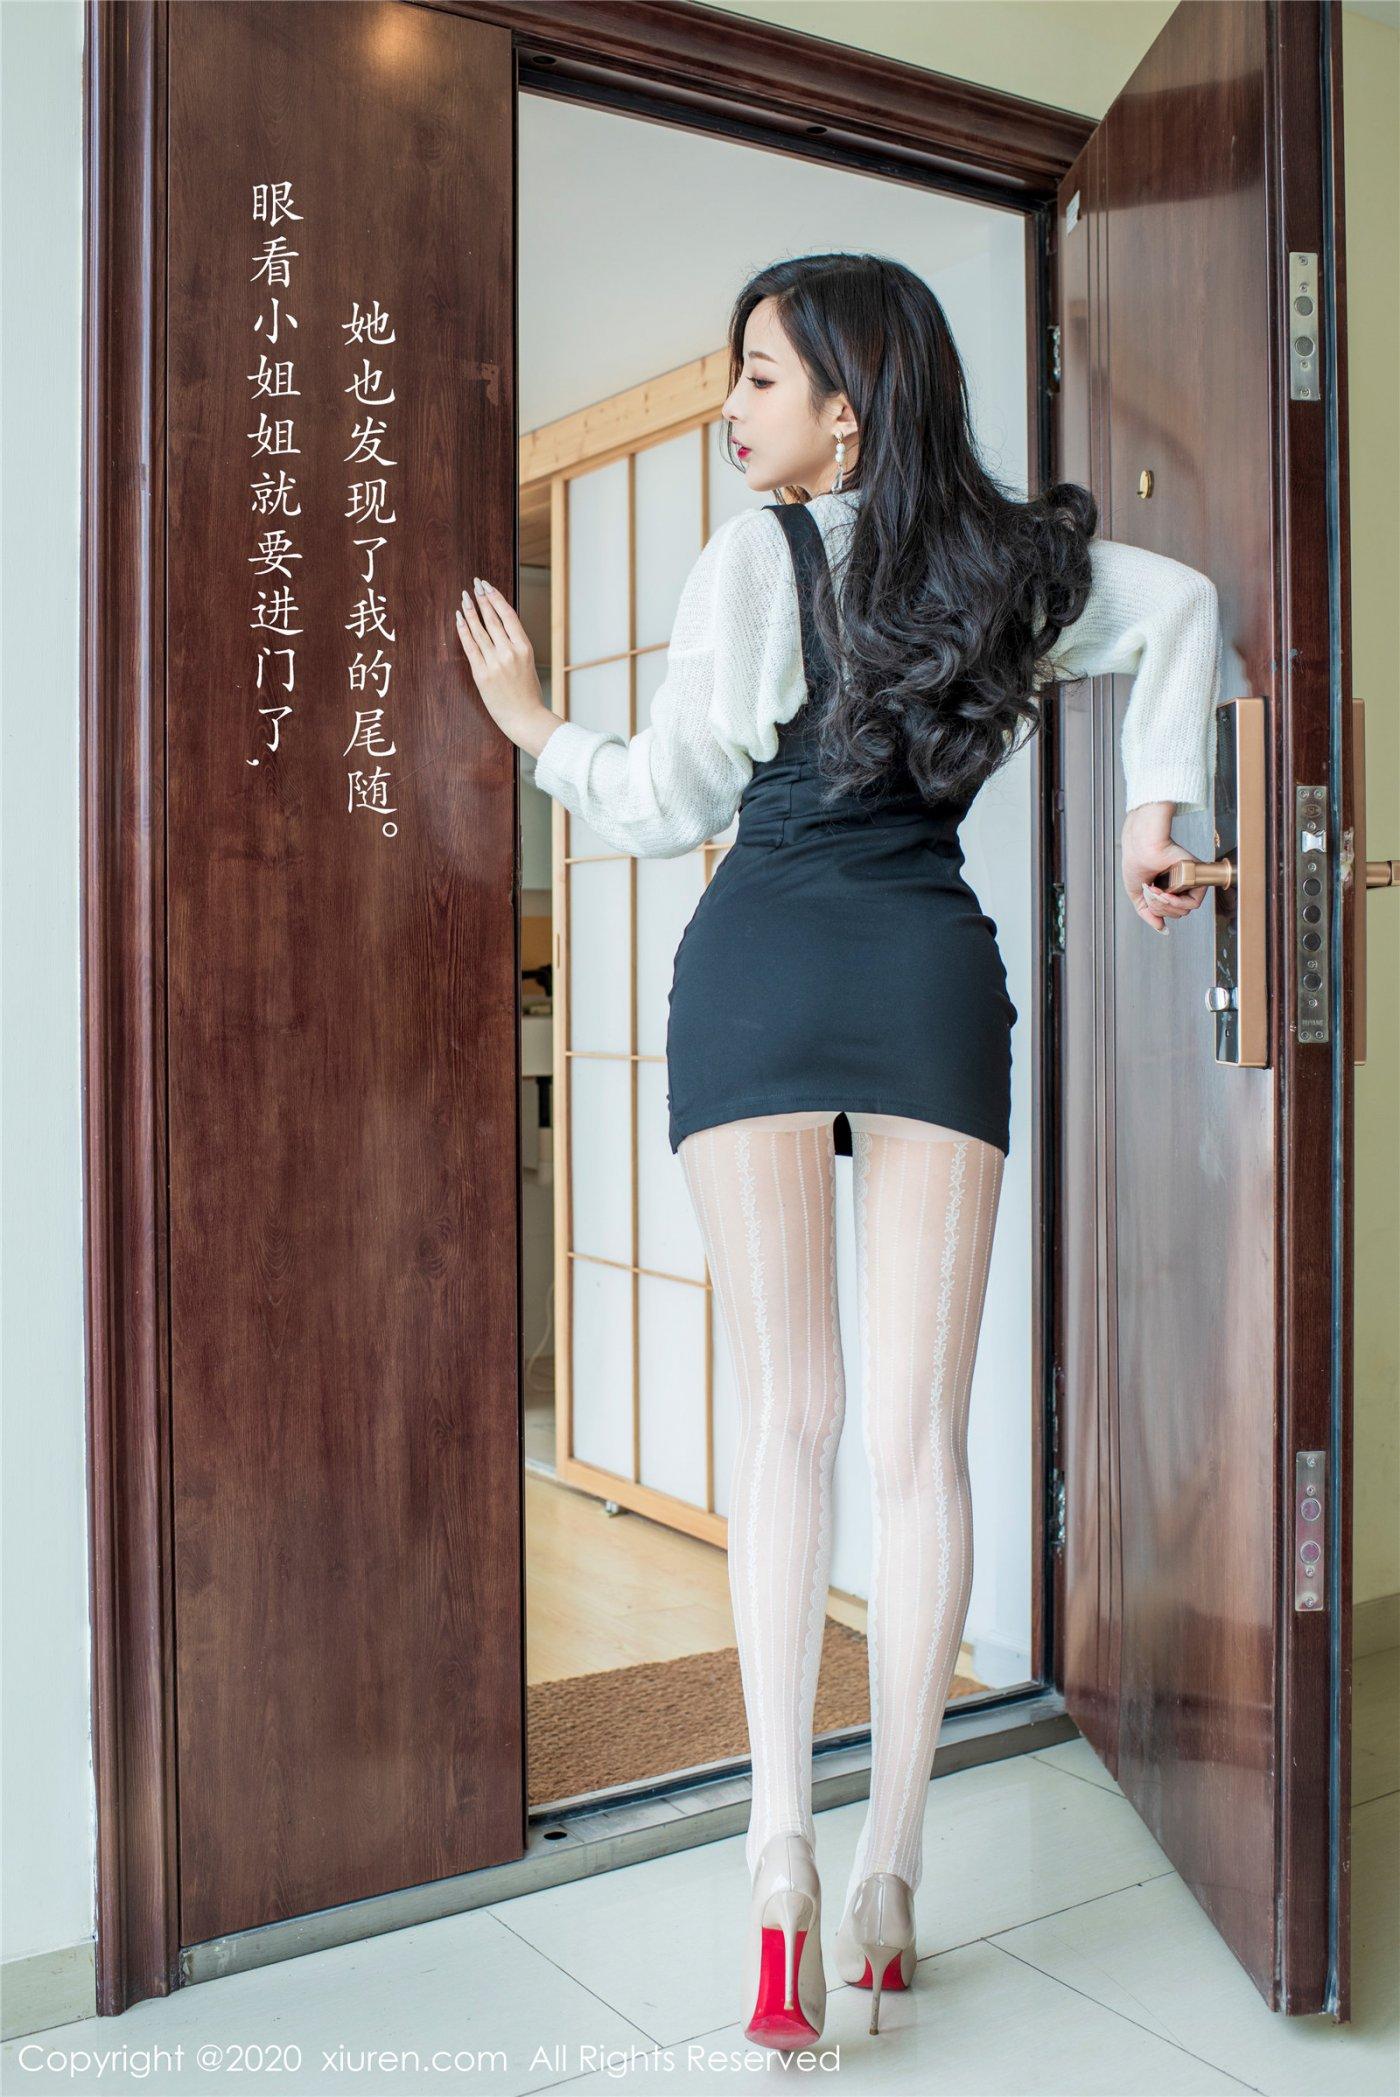 陈小喵《女友剧情主题》(Vol. 2143) 性感mm-第4张